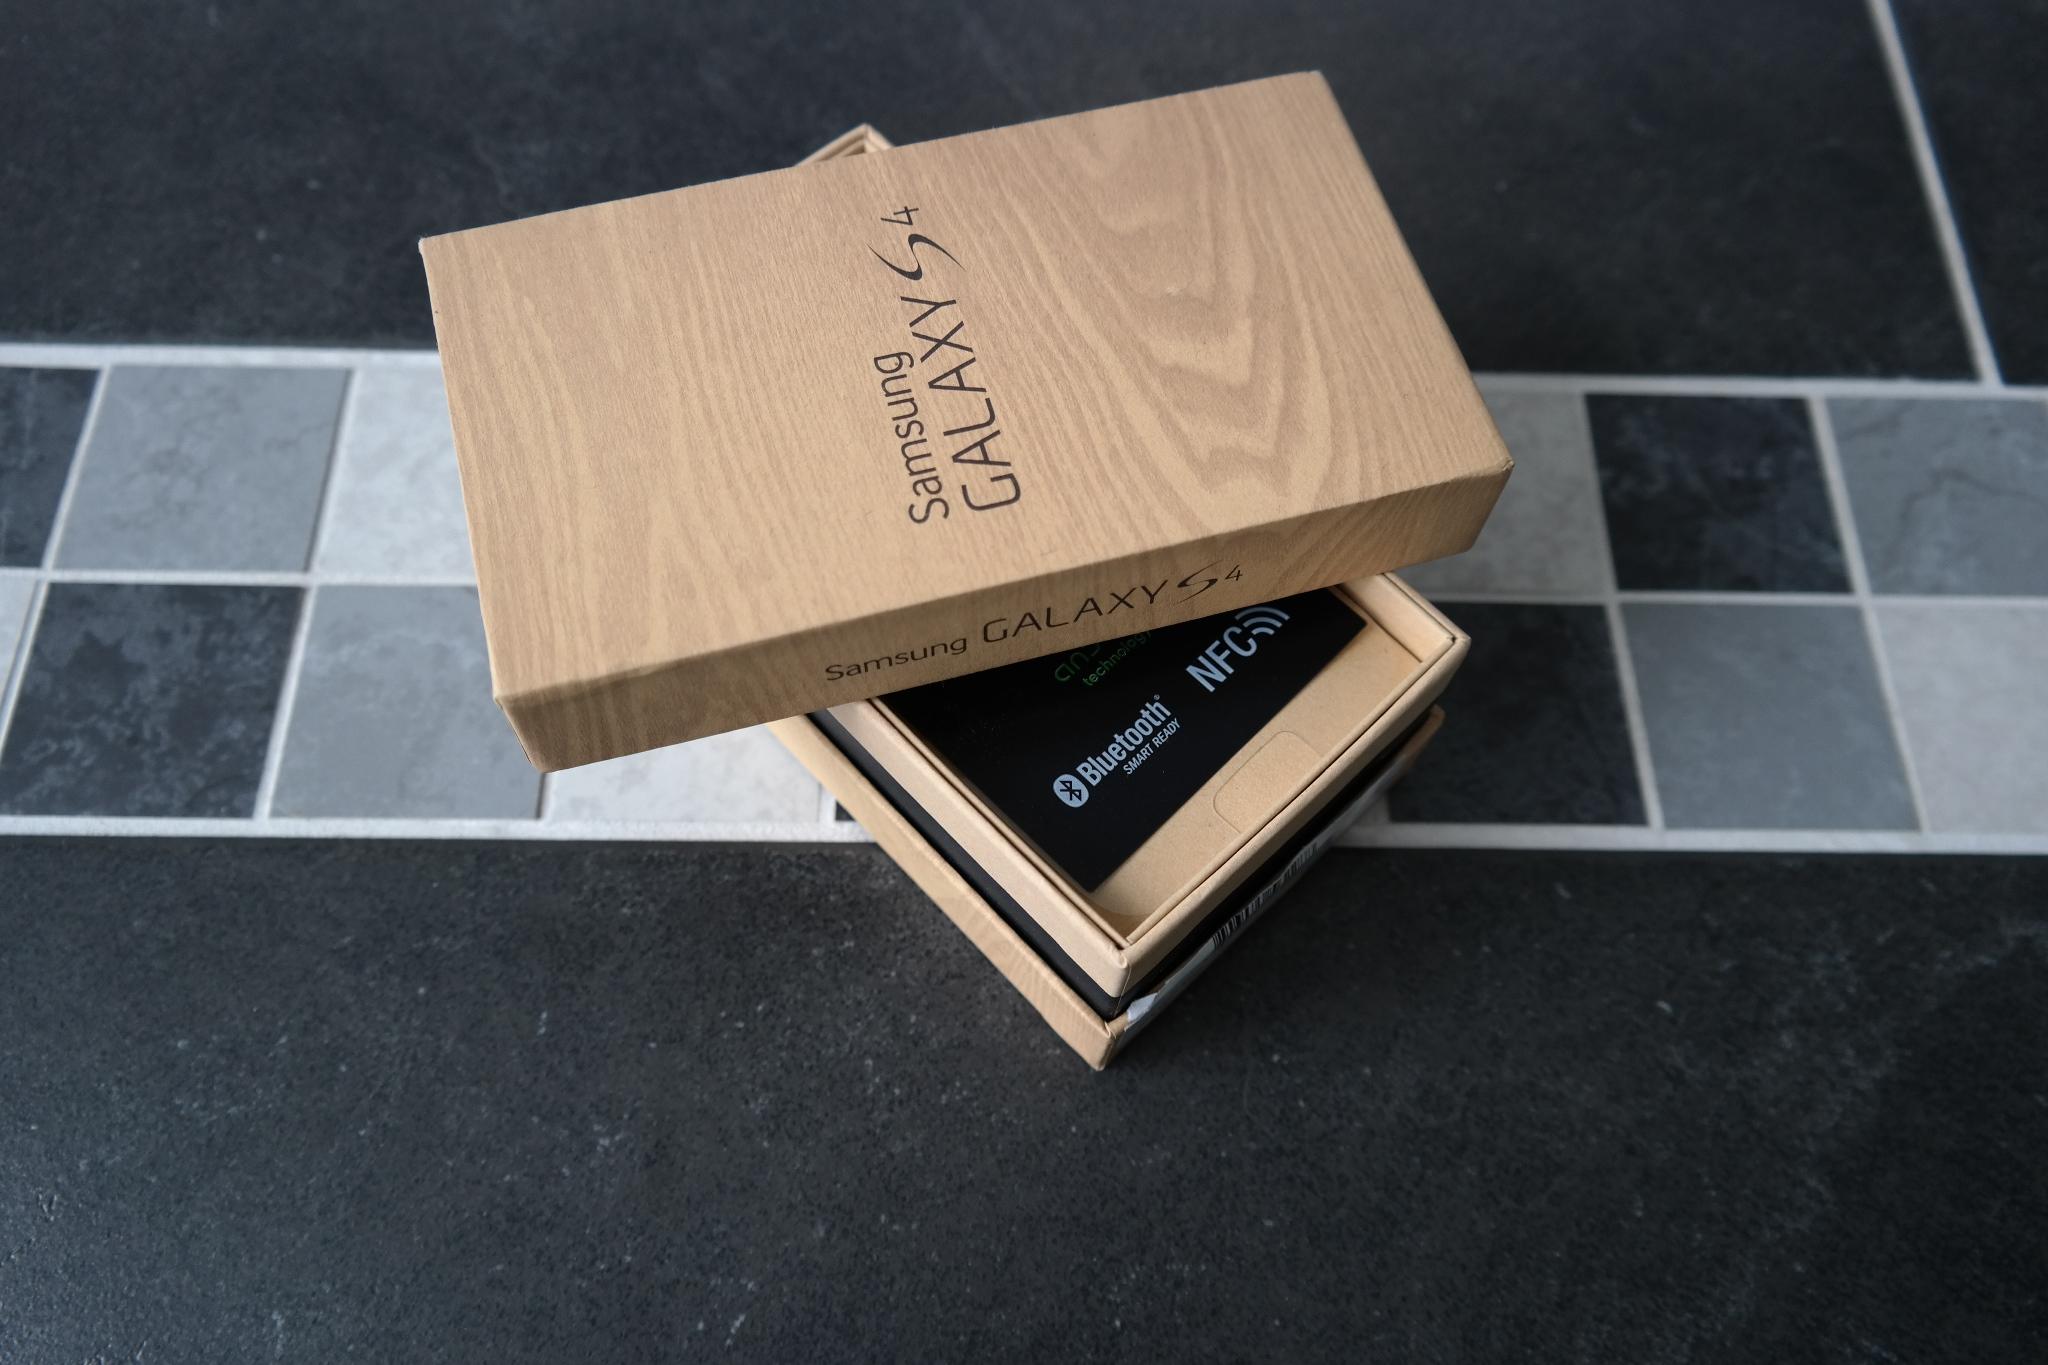 Samsung Galaxy S4 Black Edition Box